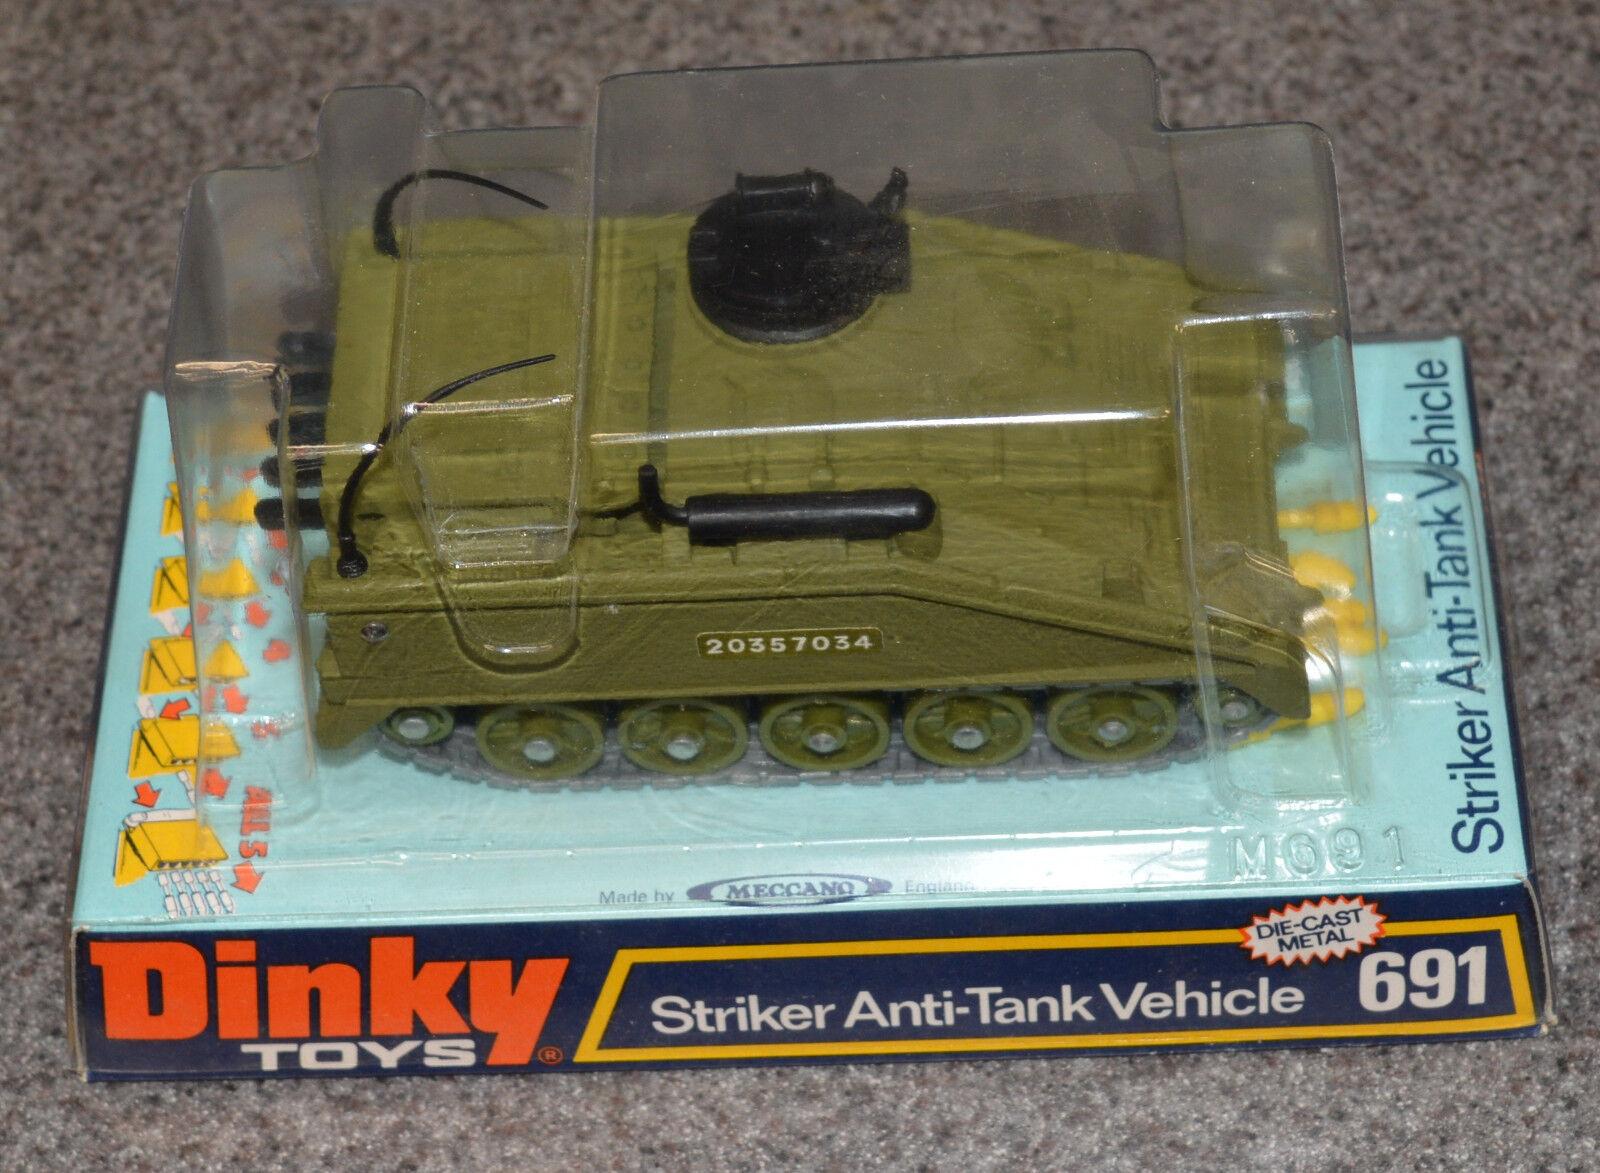 DINKY TOYS 691 DIE CAST METAL STRIKER ANTI-TANK VEHICLE & BOX